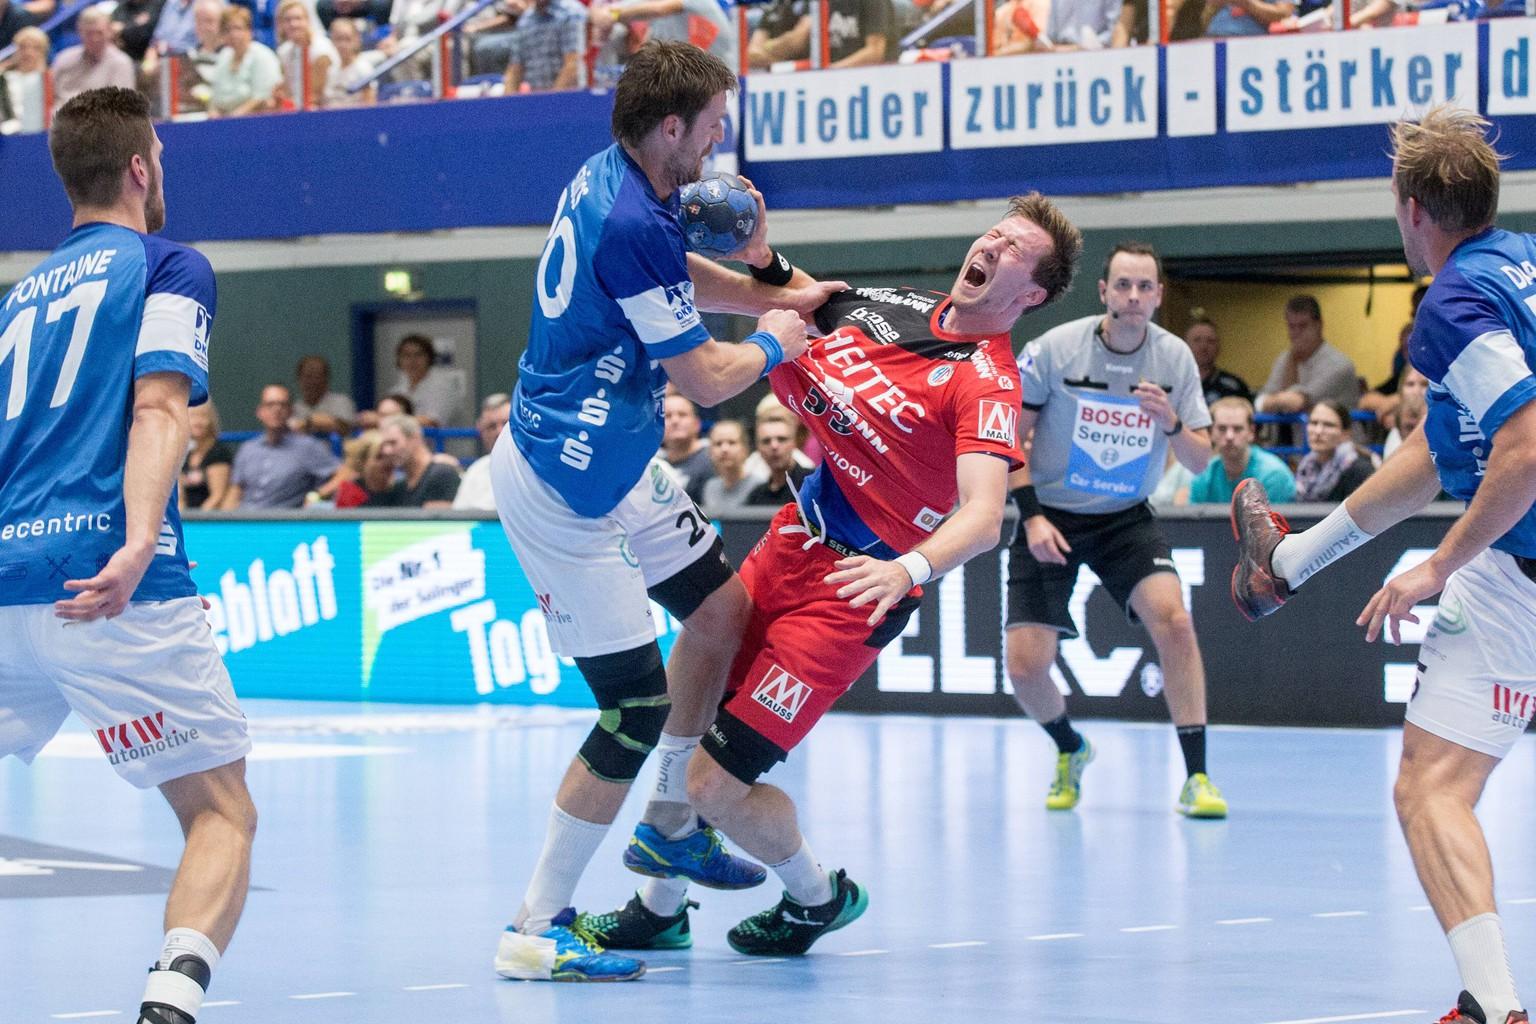 Handball Blaue Karte.Handball Wm Zeitstrafen Rote Karte Schritte Die 10 Wichtigsten